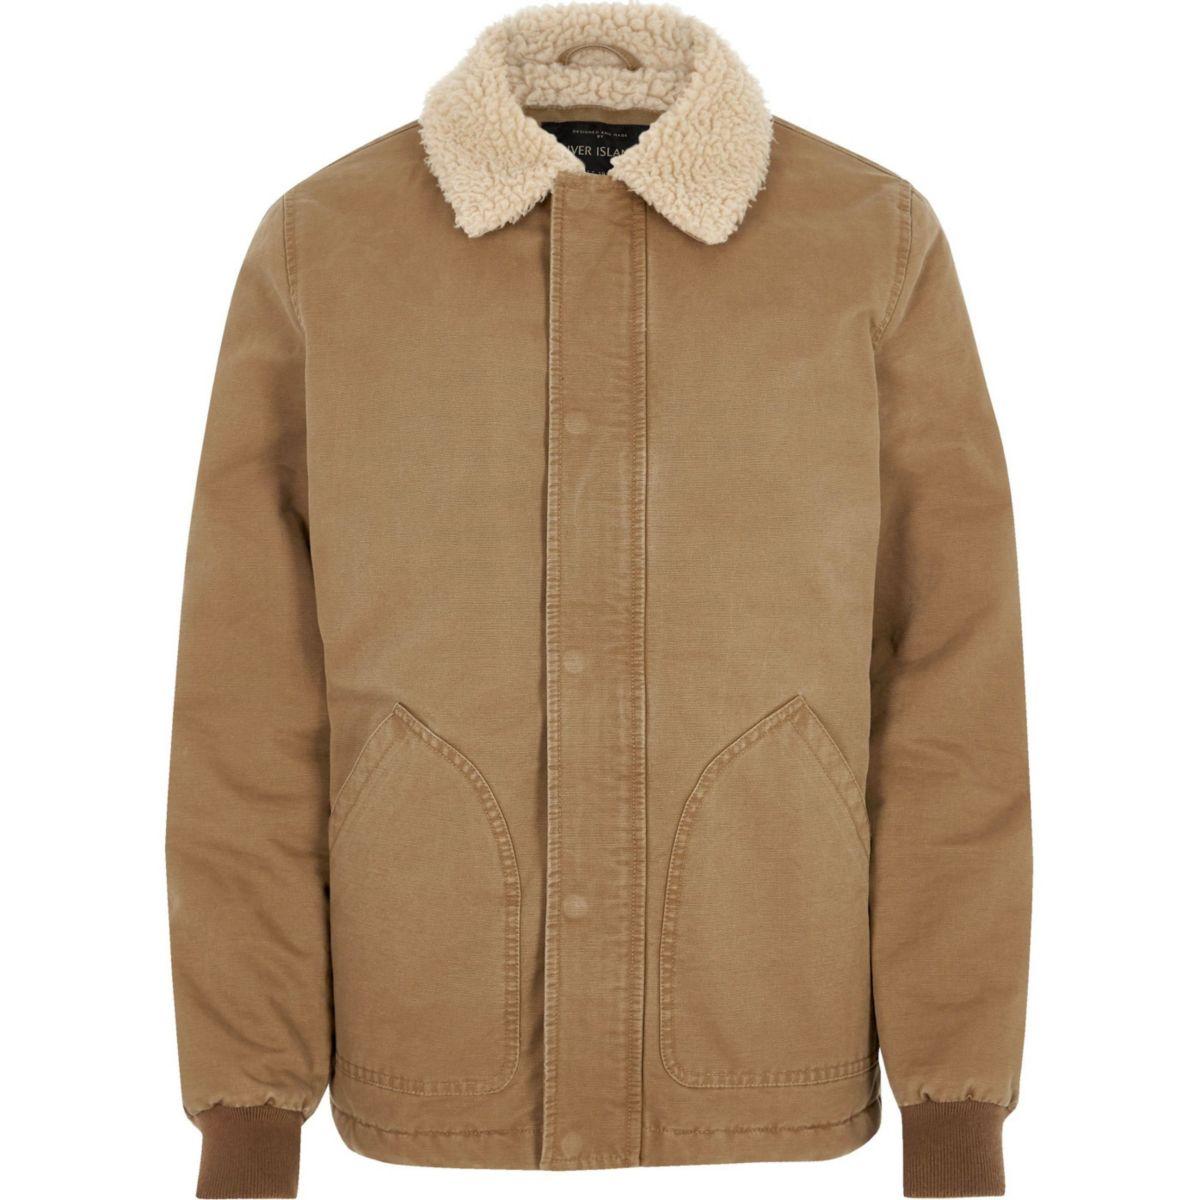 Big & Tall – Veste marron clair avec col imitation peau de mouton